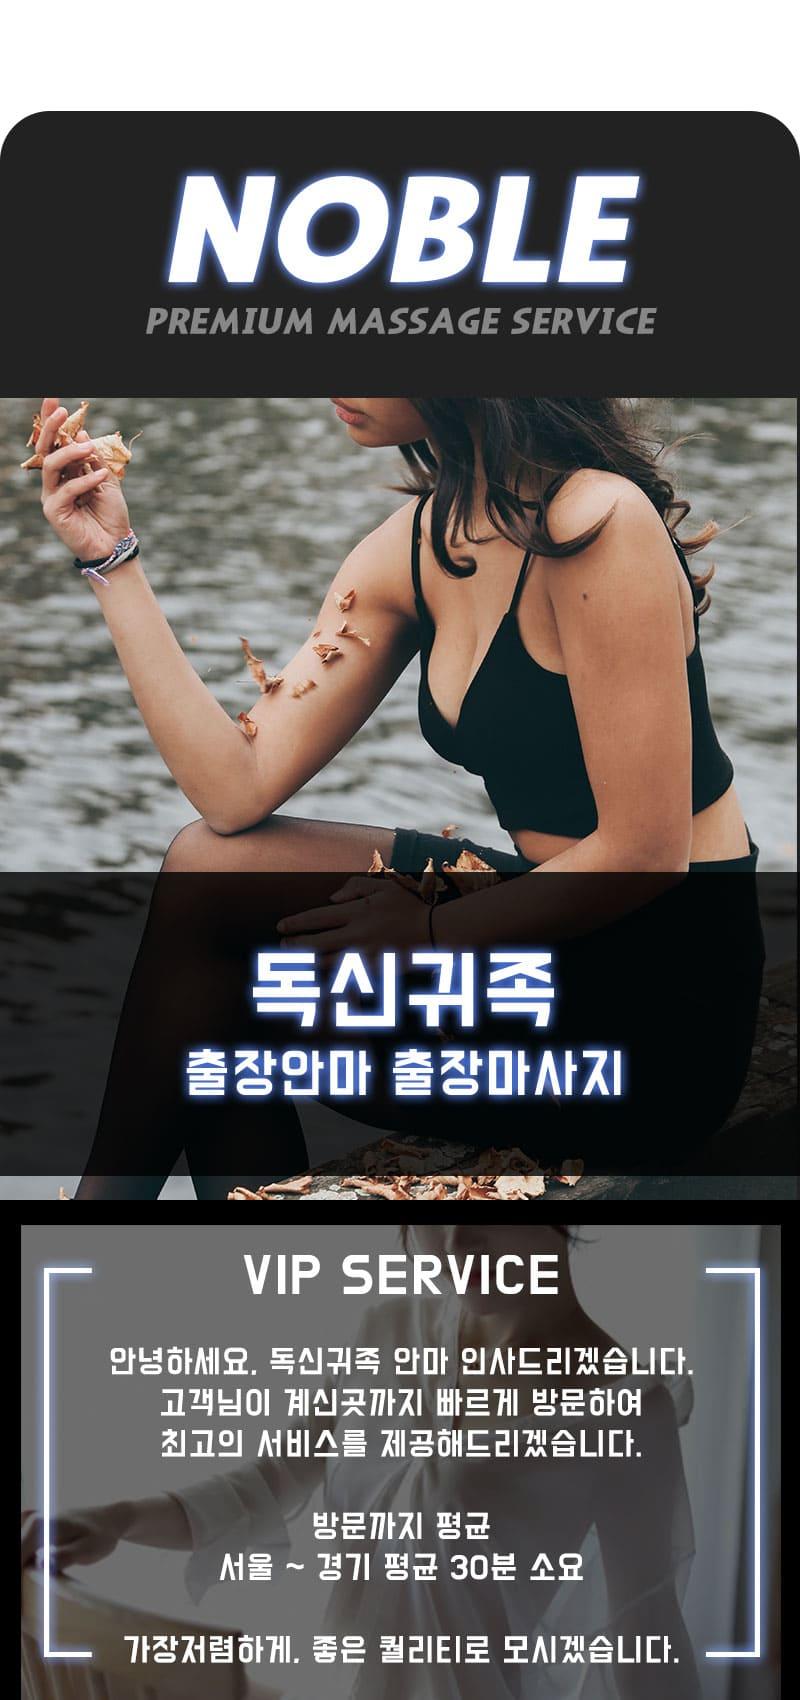 인천출장안마 소개